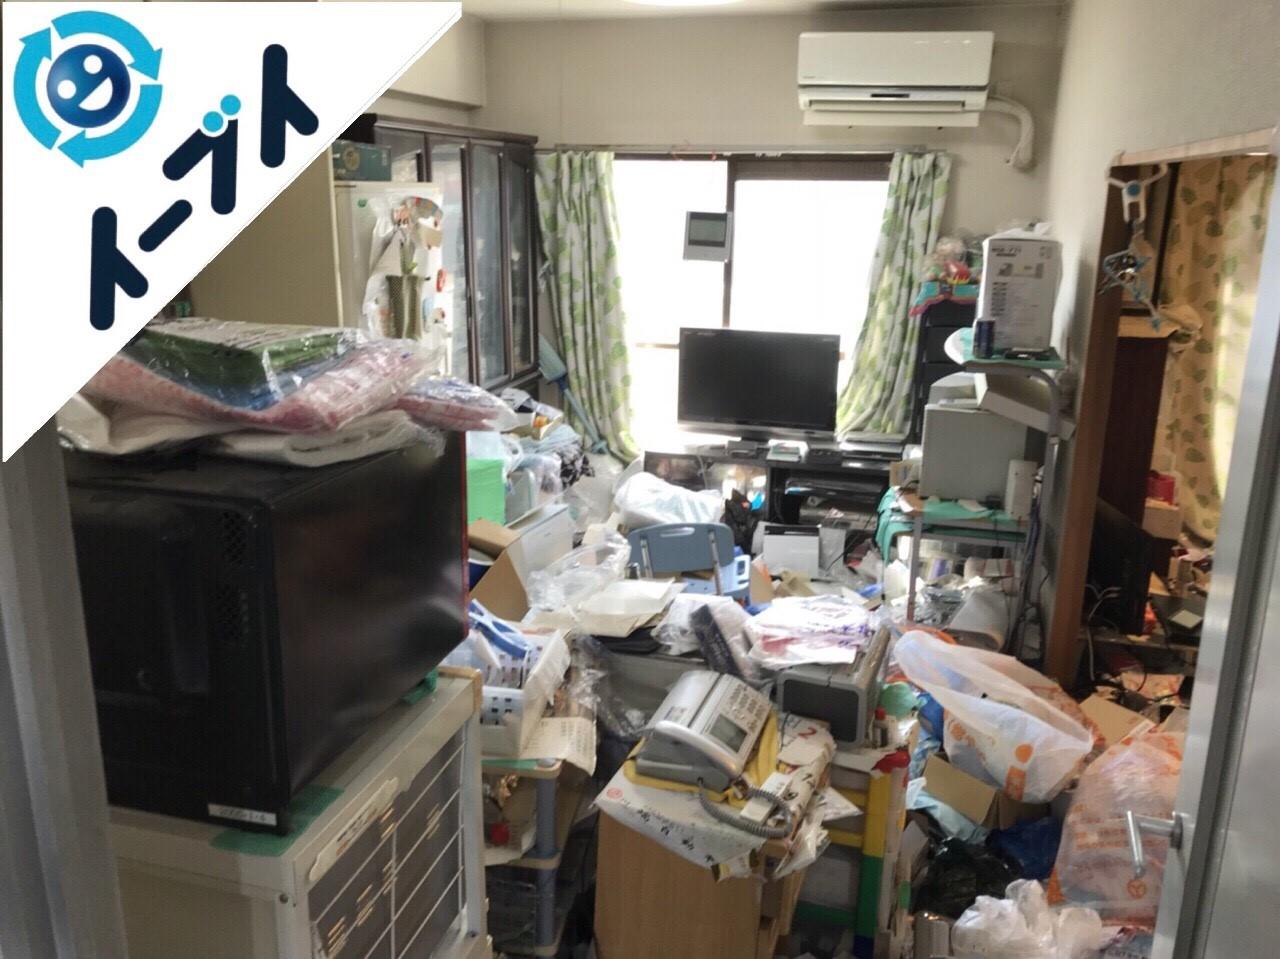 2018年2月16日大阪府大阪市浪速区で生ゴミや生活用品で溢れたゴミ屋敷の片付け。写真1